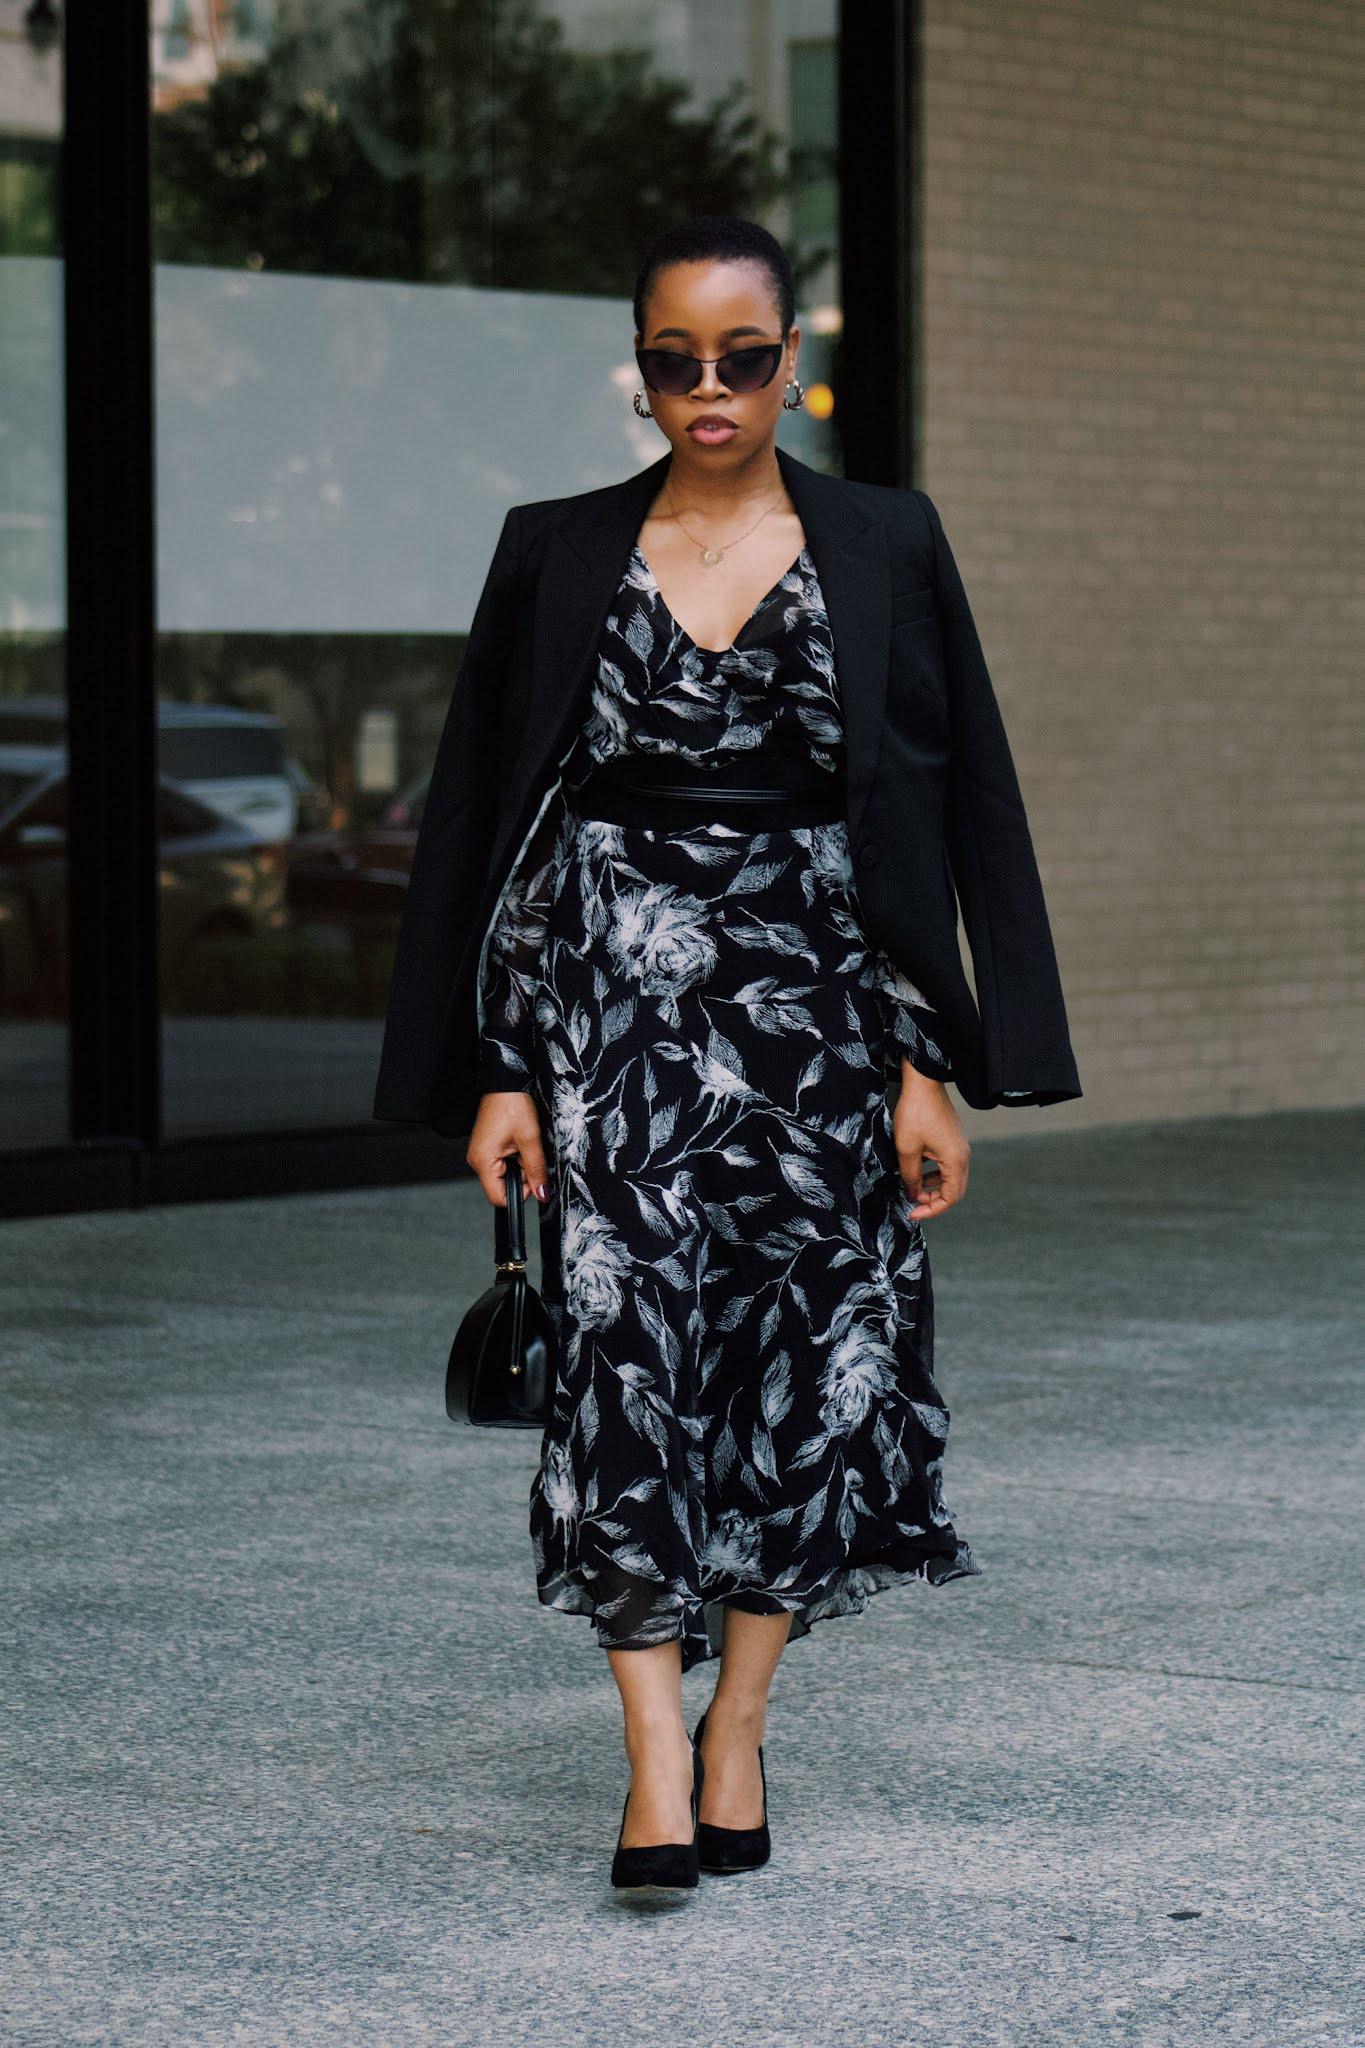 Street Fall Fashion